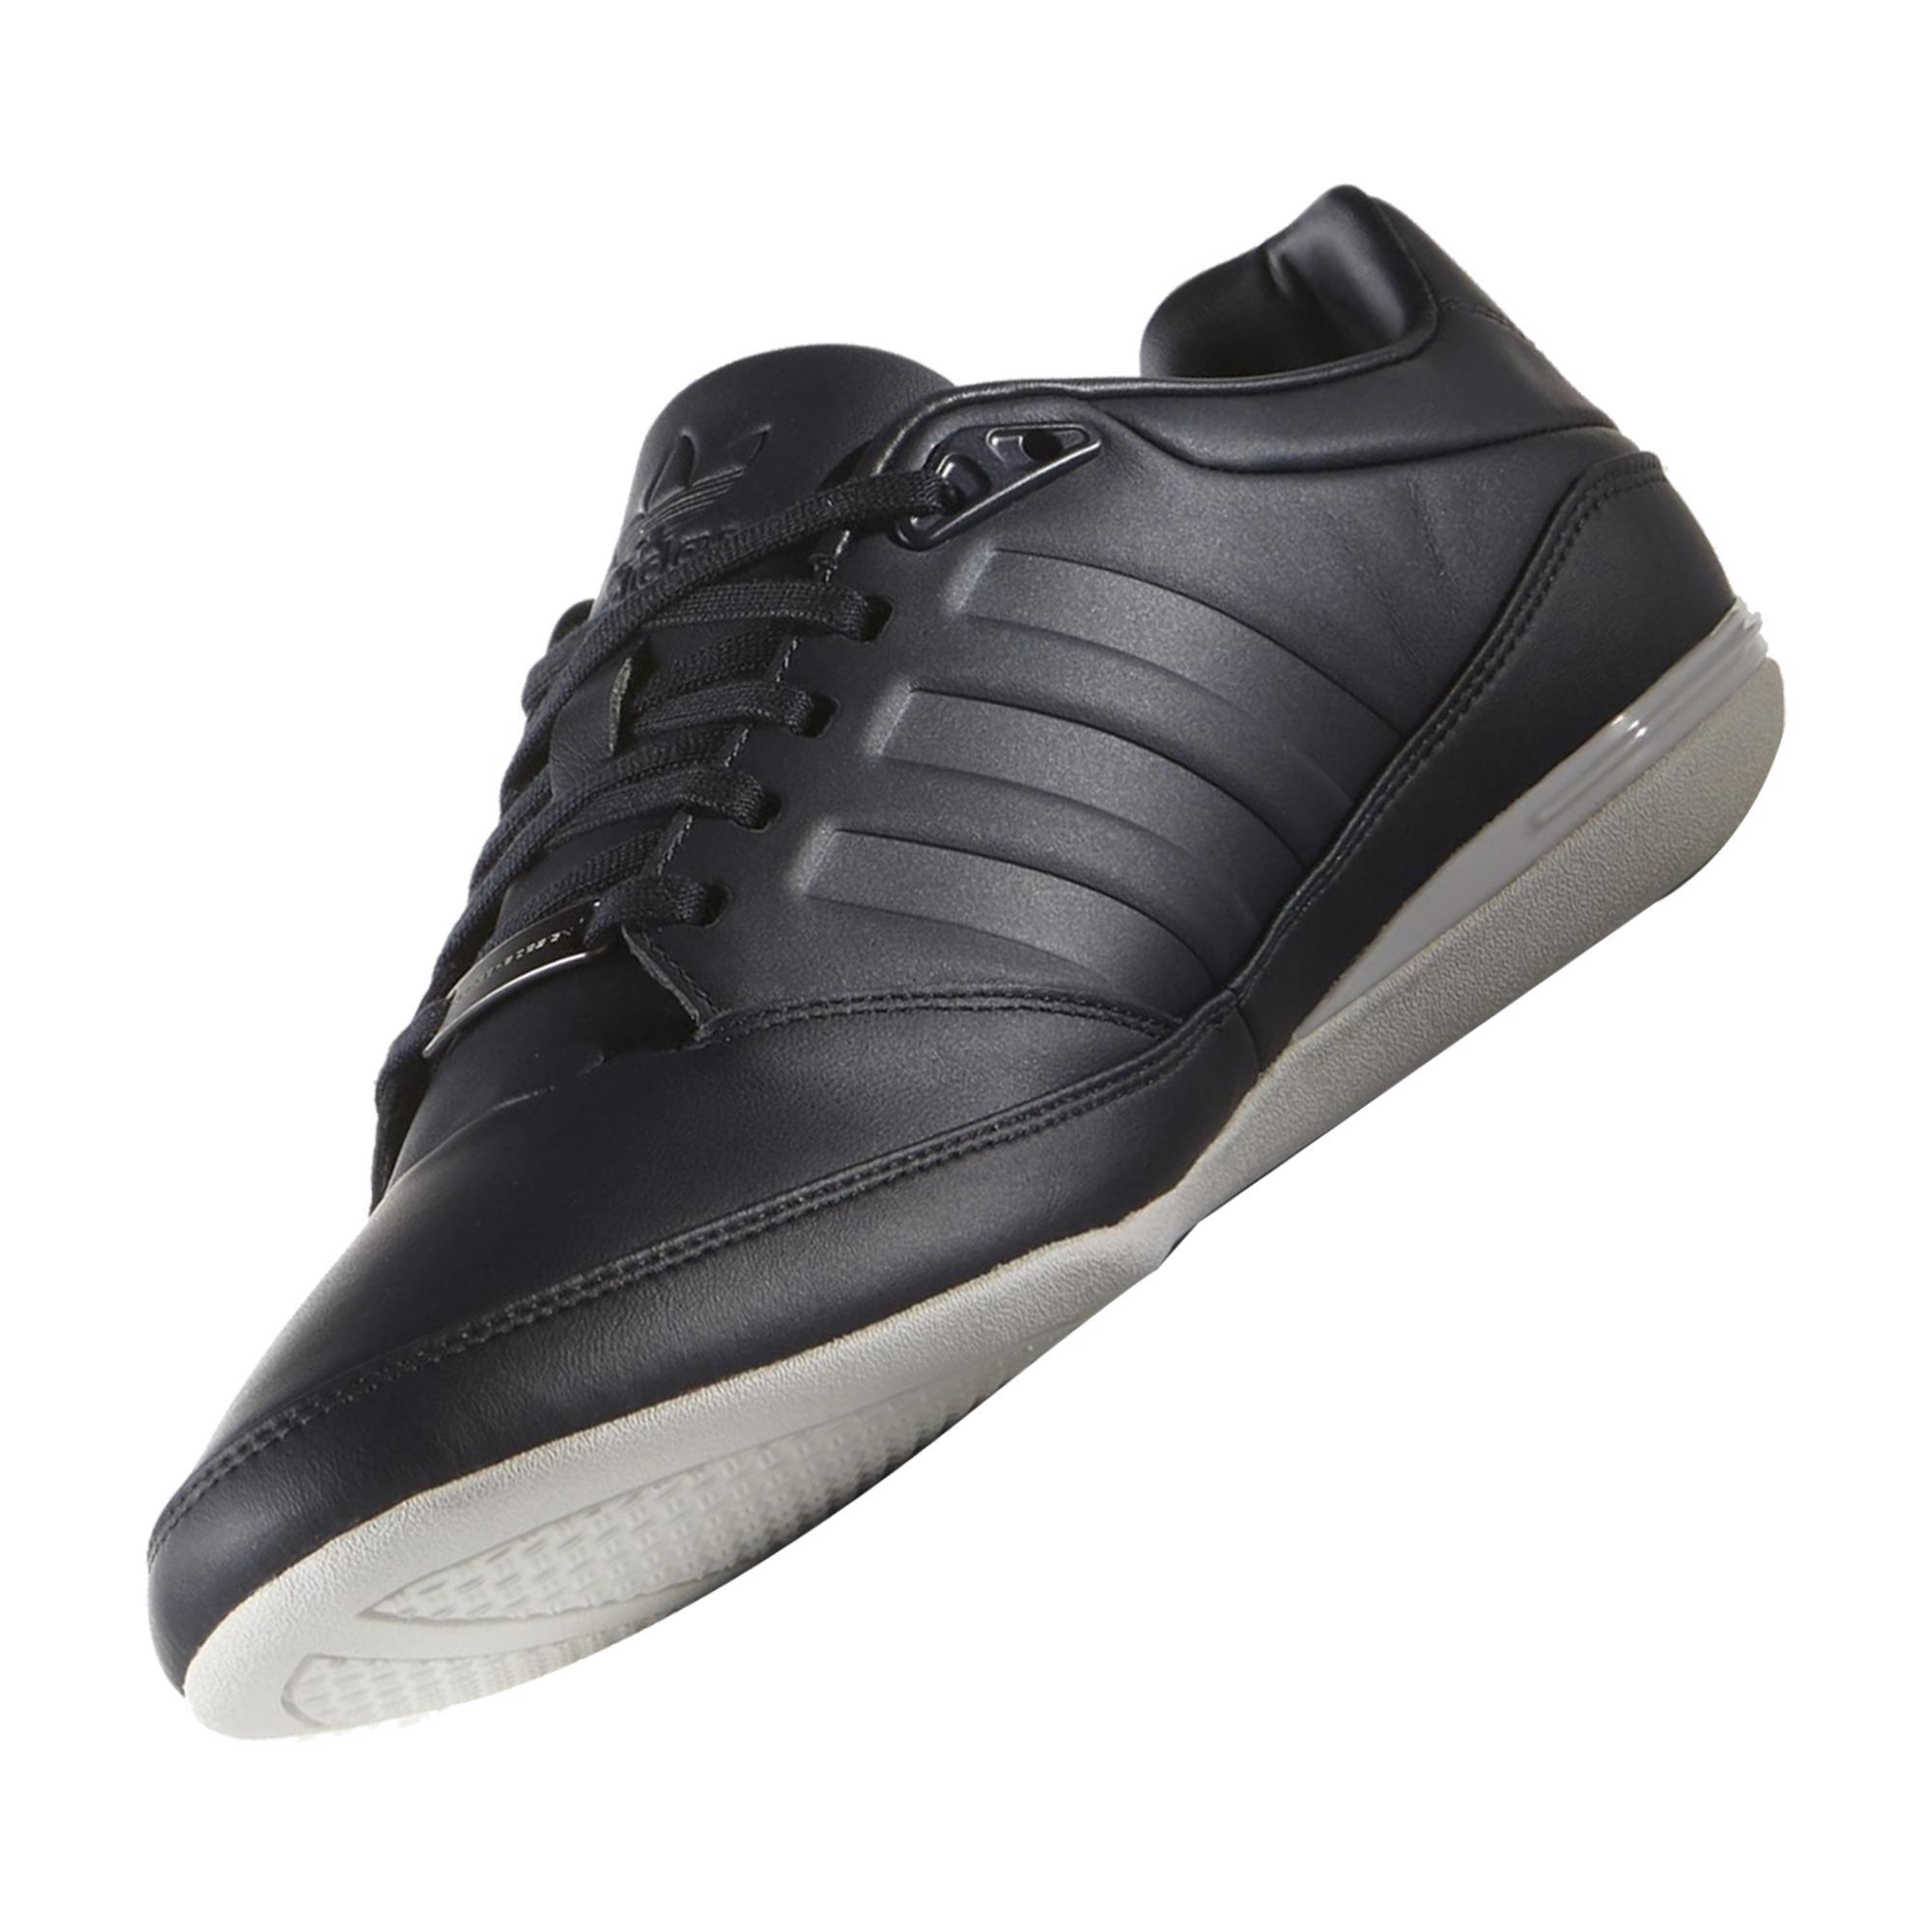 adidas porsche typ 64 2 3 ss16 erkek spor ayakkab s75409. Black Bedroom Furniture Sets. Home Design Ideas